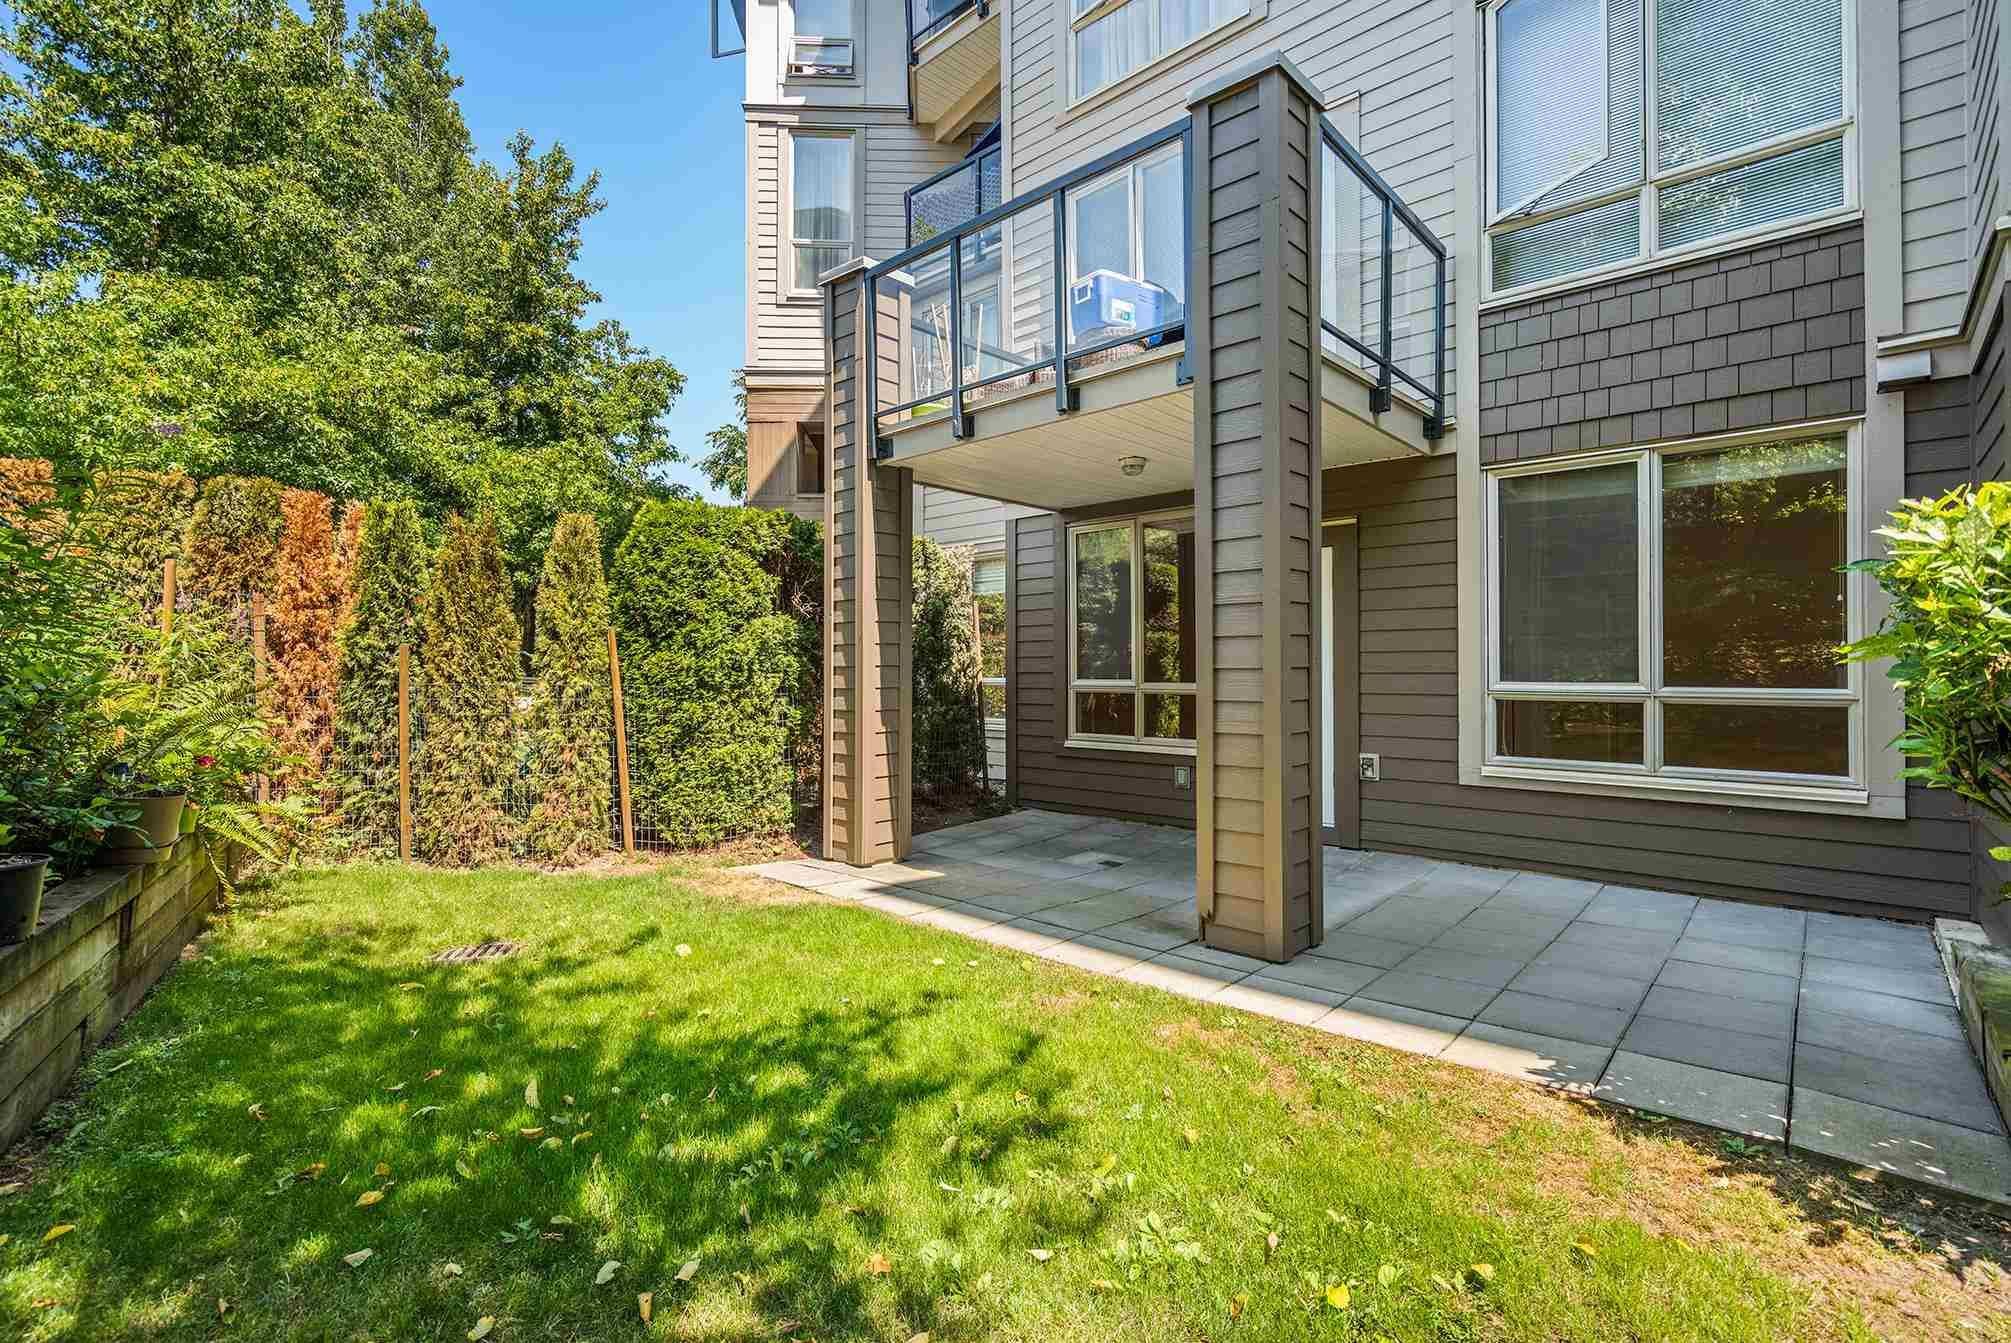 Main Photo: 116 15918 26 AVENUE in Surrey: Grandview Surrey Condo for sale (South Surrey White Rock)  : MLS®# R2599803